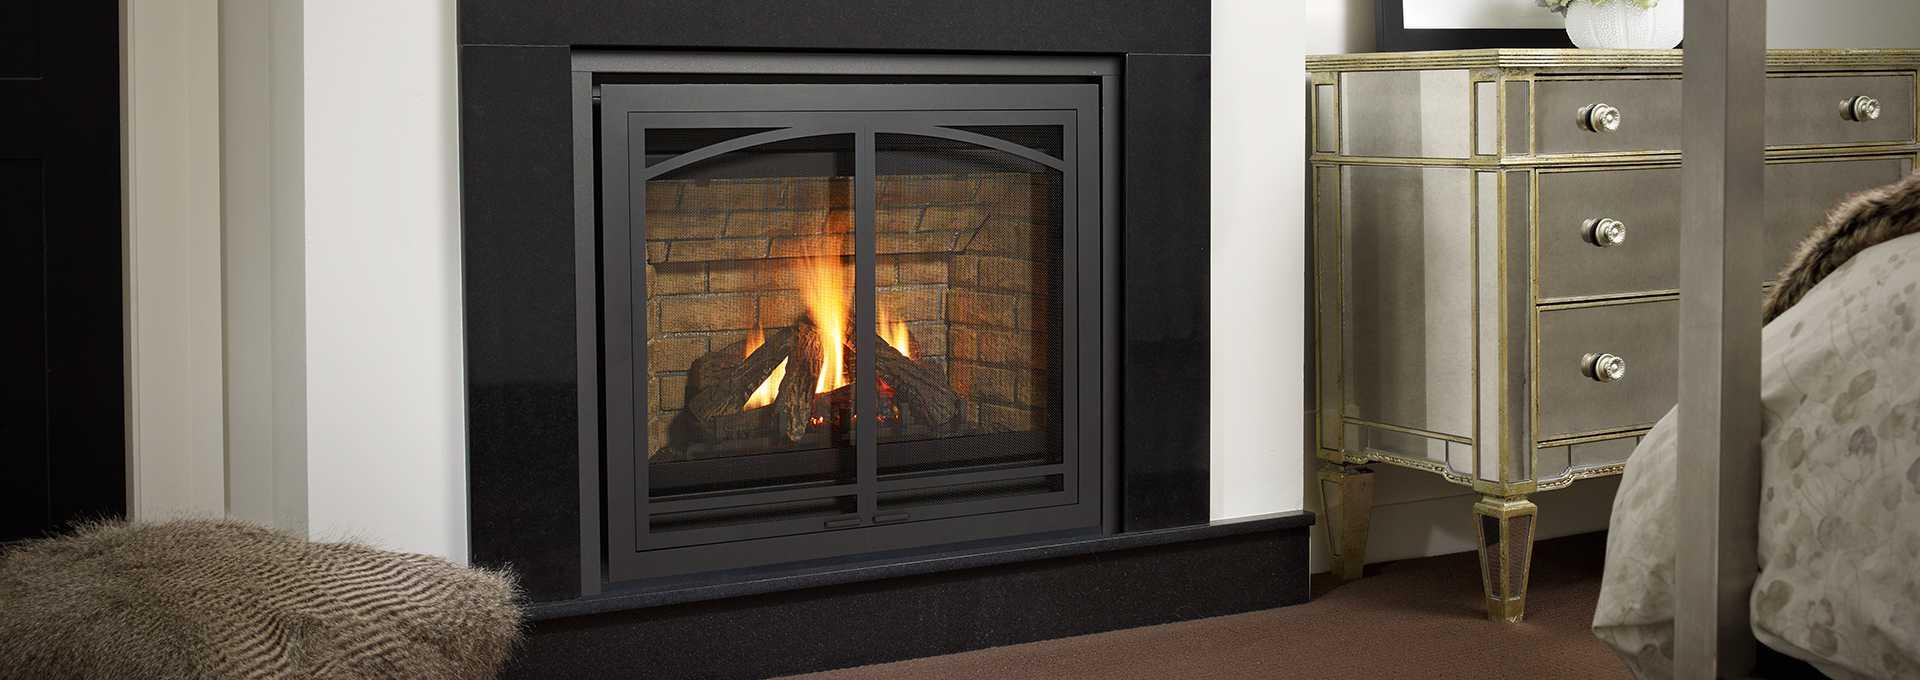 Panorama P33 Gas Fireplace-1